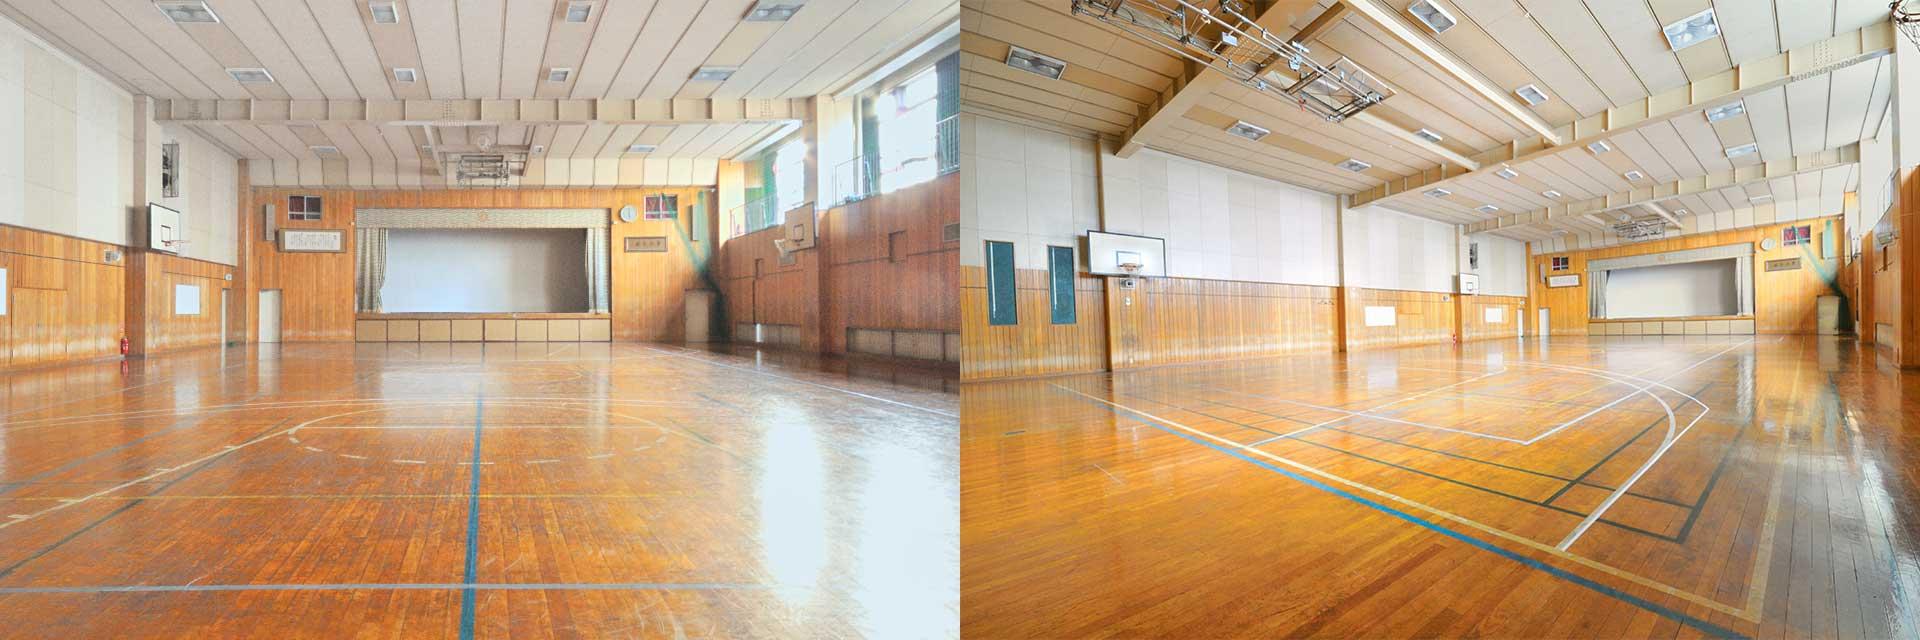 http://www.3331.jp/rentalspace/img/top_p01.jpg